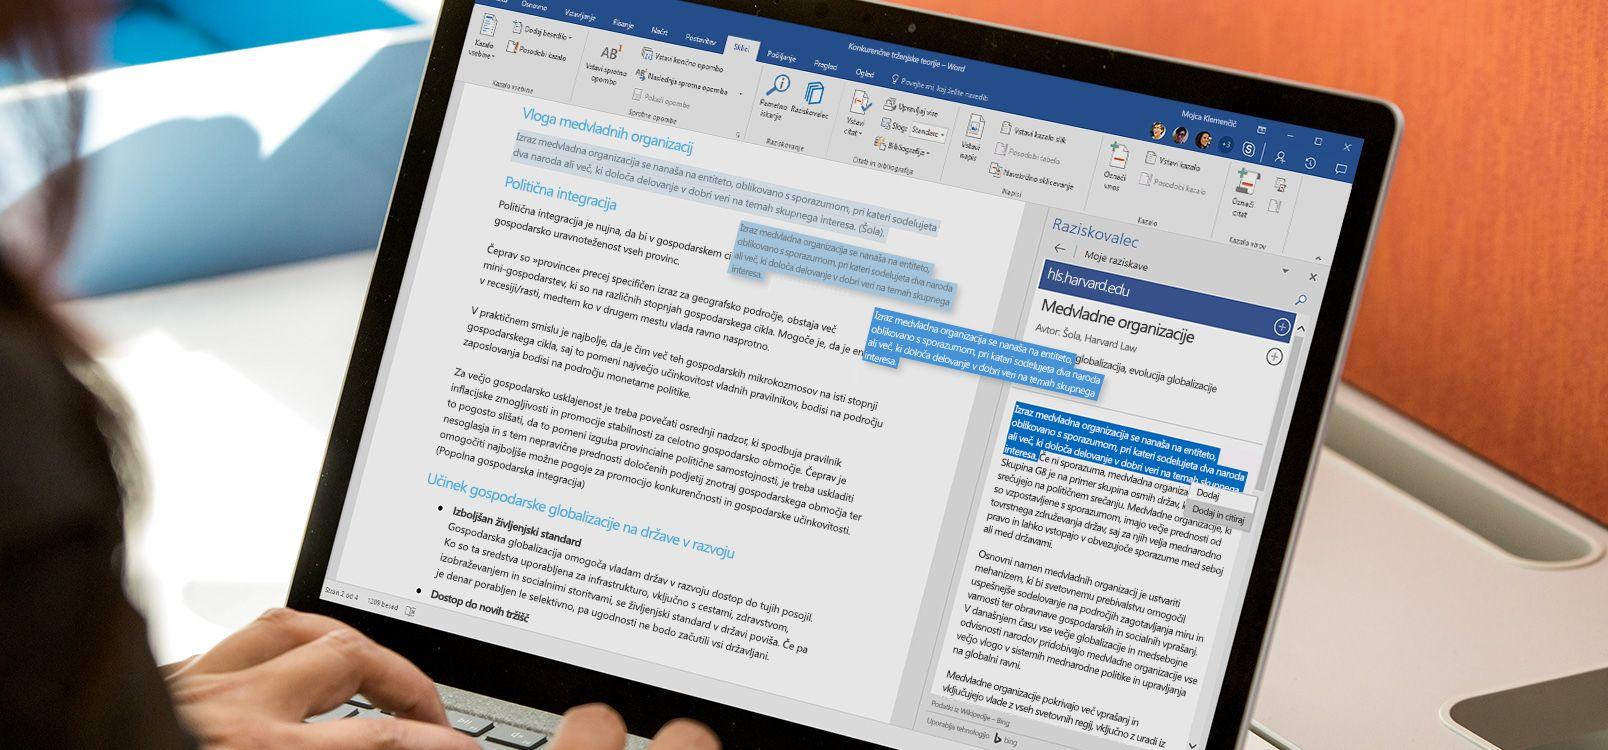 Zaslon prenosnika, ki prikazuje uporabo funkcije »Raziskovalec« v Wordovem dokumentu